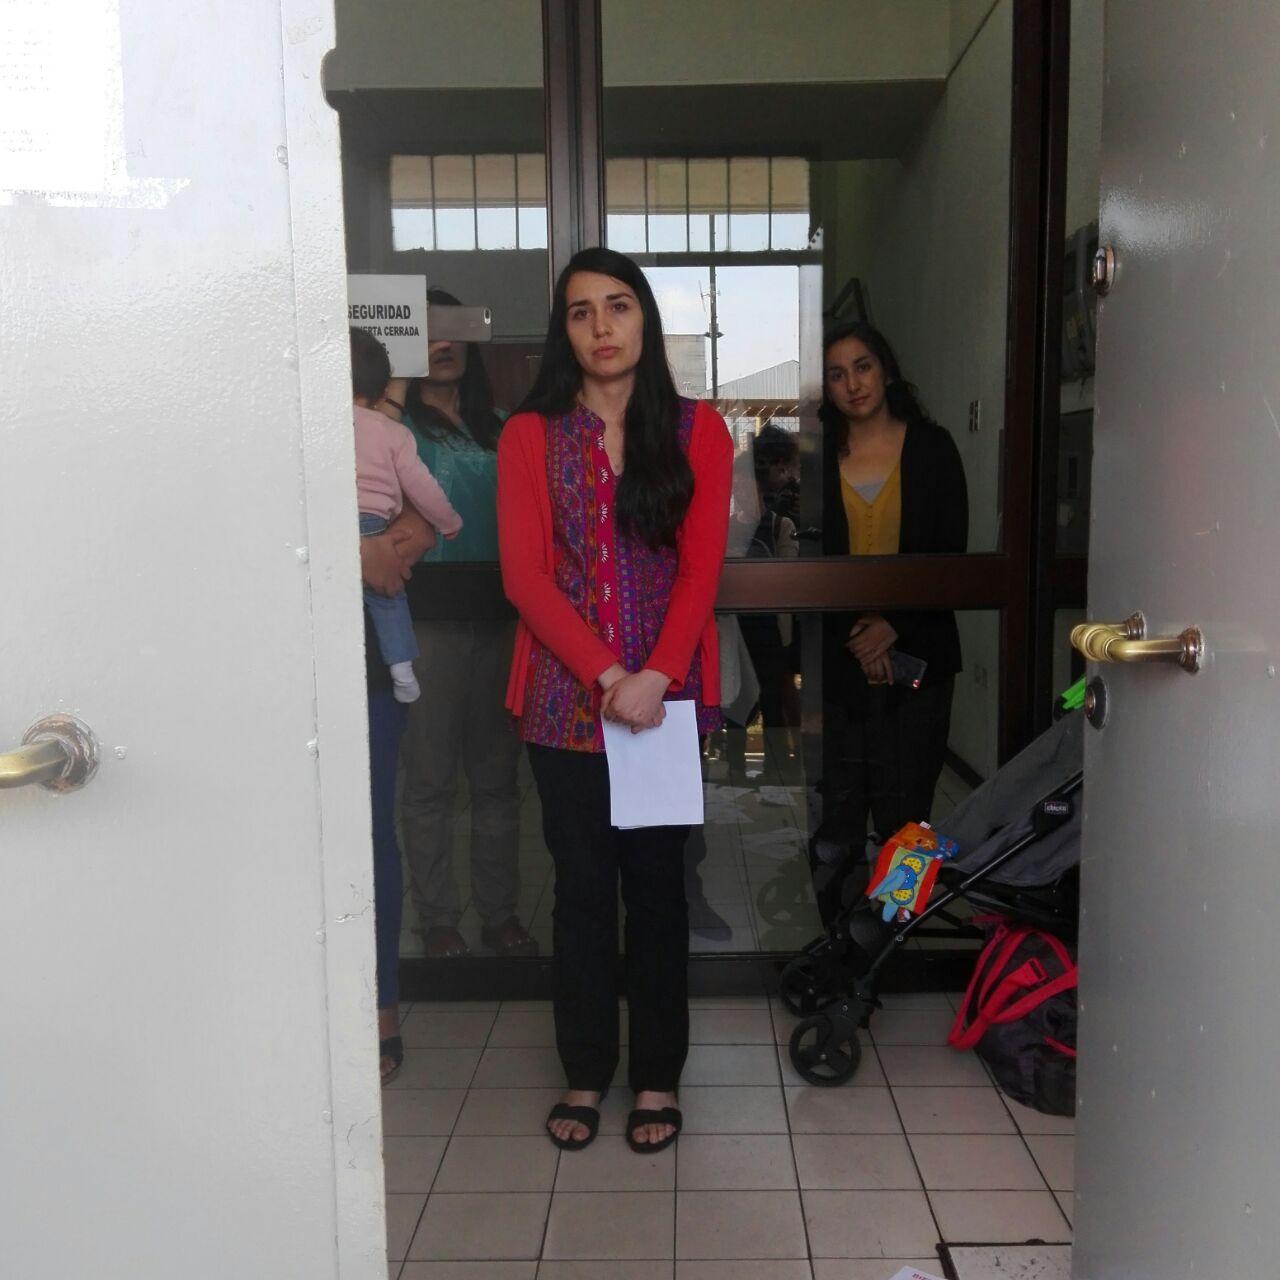 Organizaciones acuden a iglesia evangélica |  Andrea Herrera (c), cedida a BioBioChile